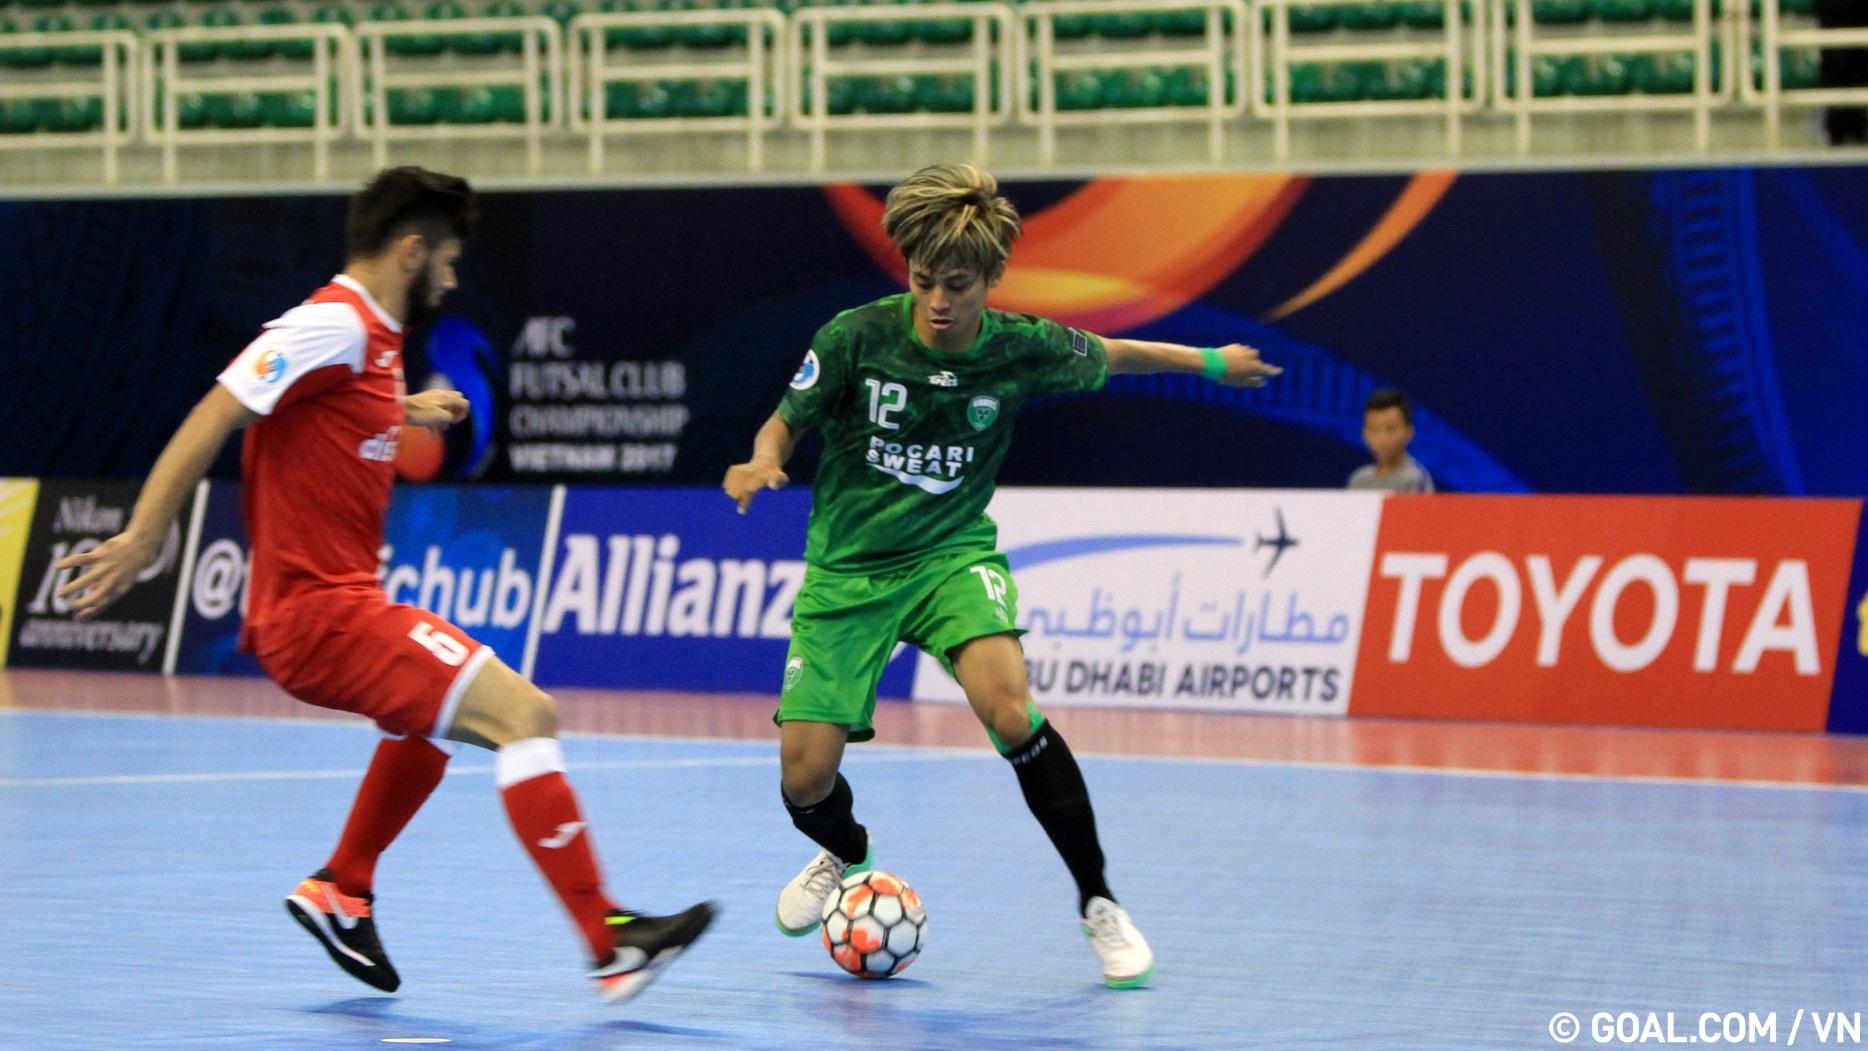 2017 AFC Futsal Club Championship | Nafit Al-Wasat (Iraq) 3-2 Al Rayyan (Qatar)